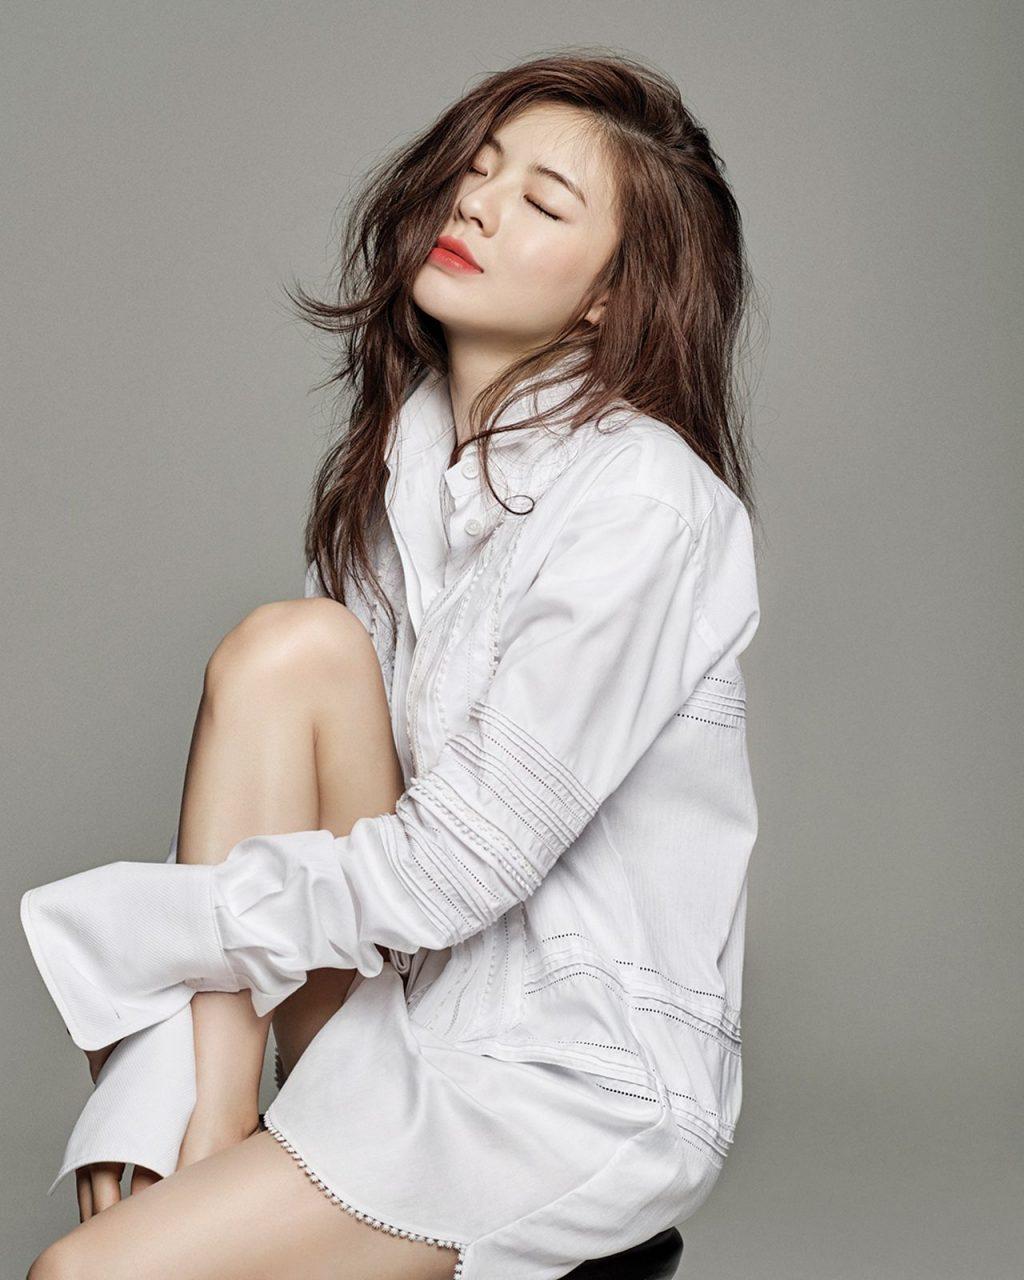 Lee Sun Bin